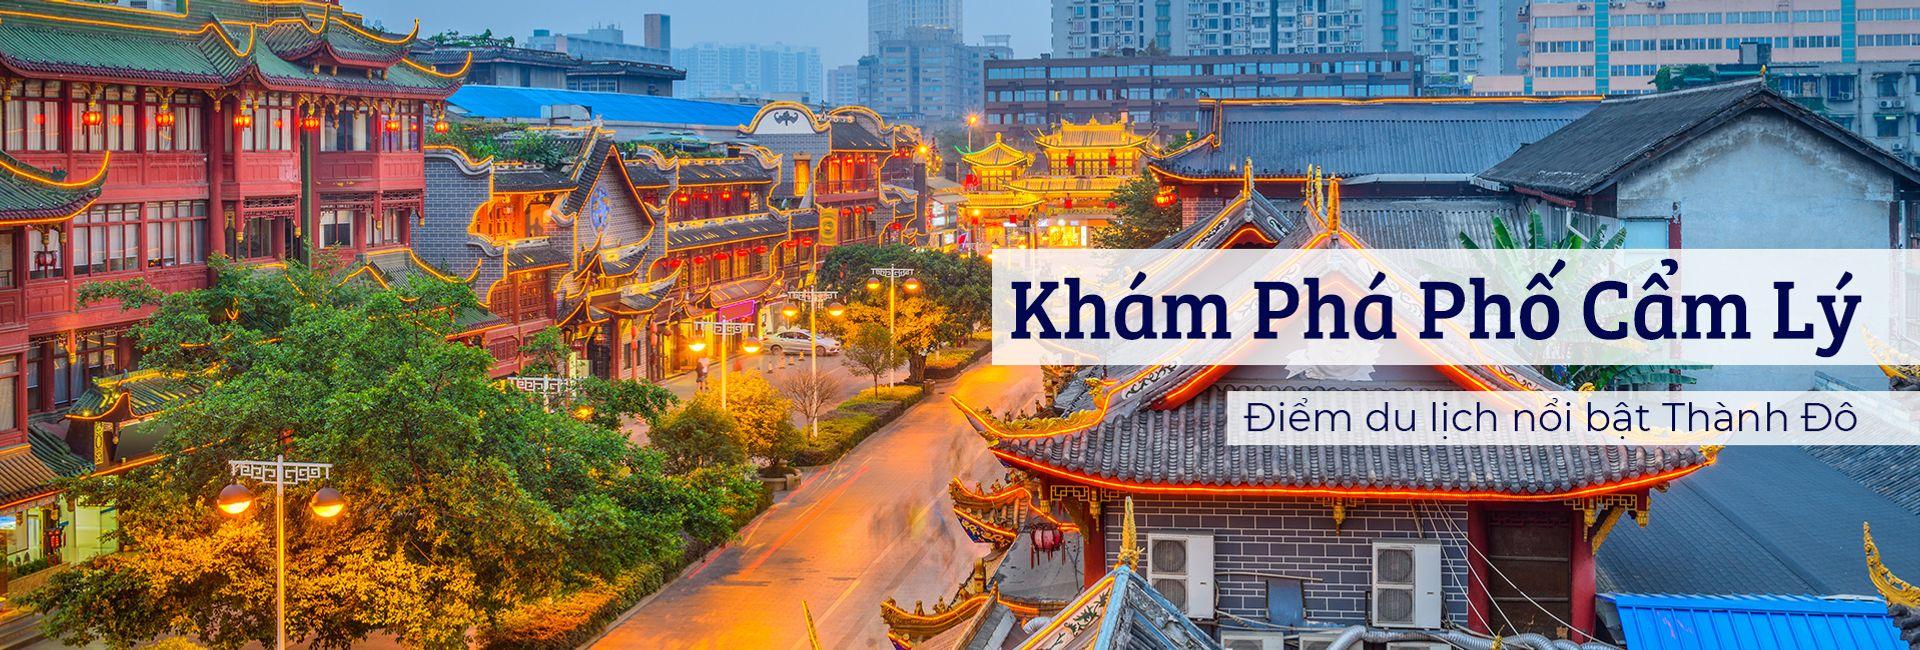 Phố Cẩm Lý –  điểm du lịch nổi bật ở Thành Đô